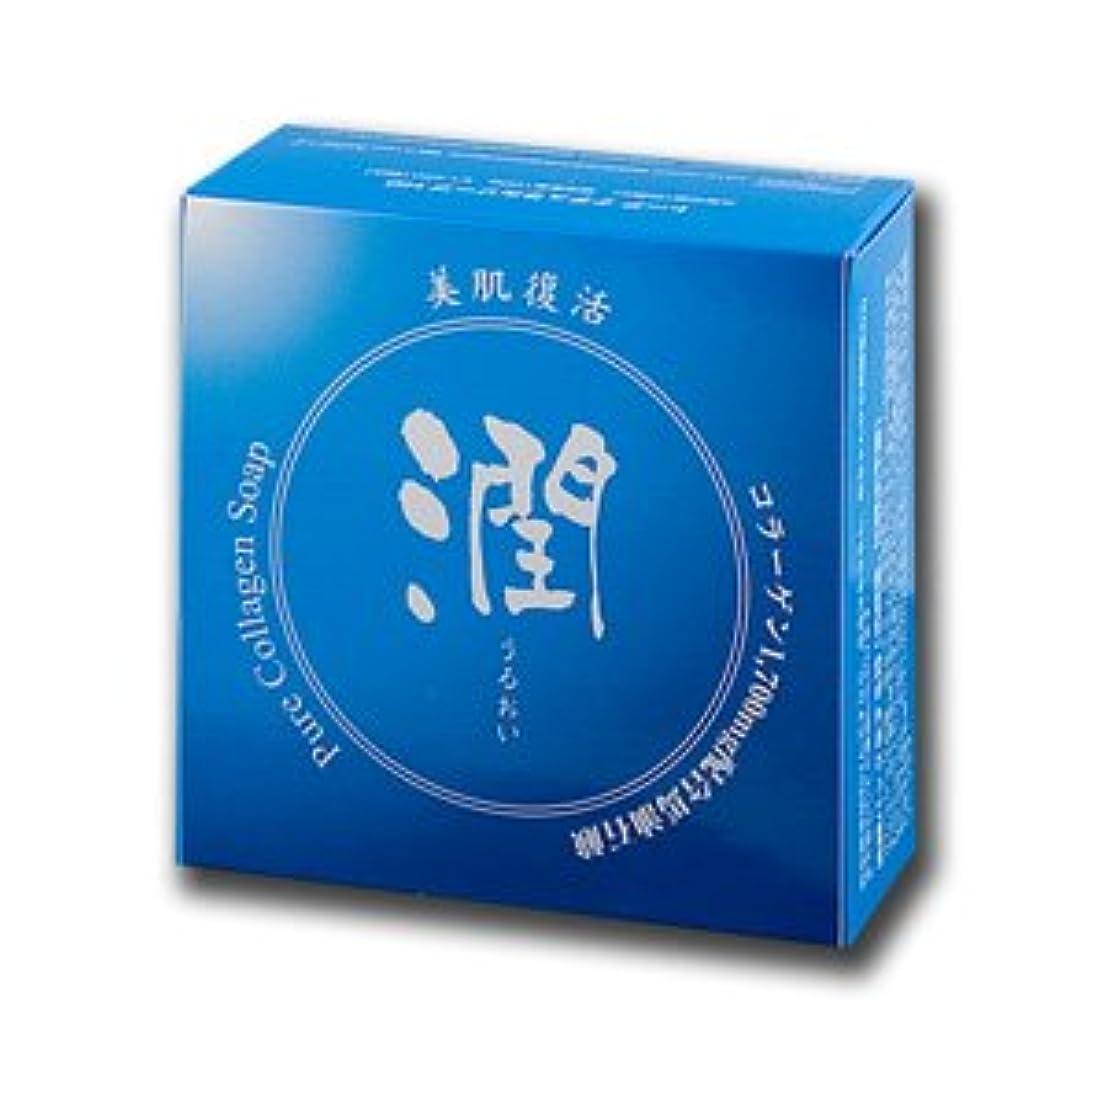 歌ラッチがっかりするコラーゲン馬油石鹸 潤 100g (#800410) ×5個セット